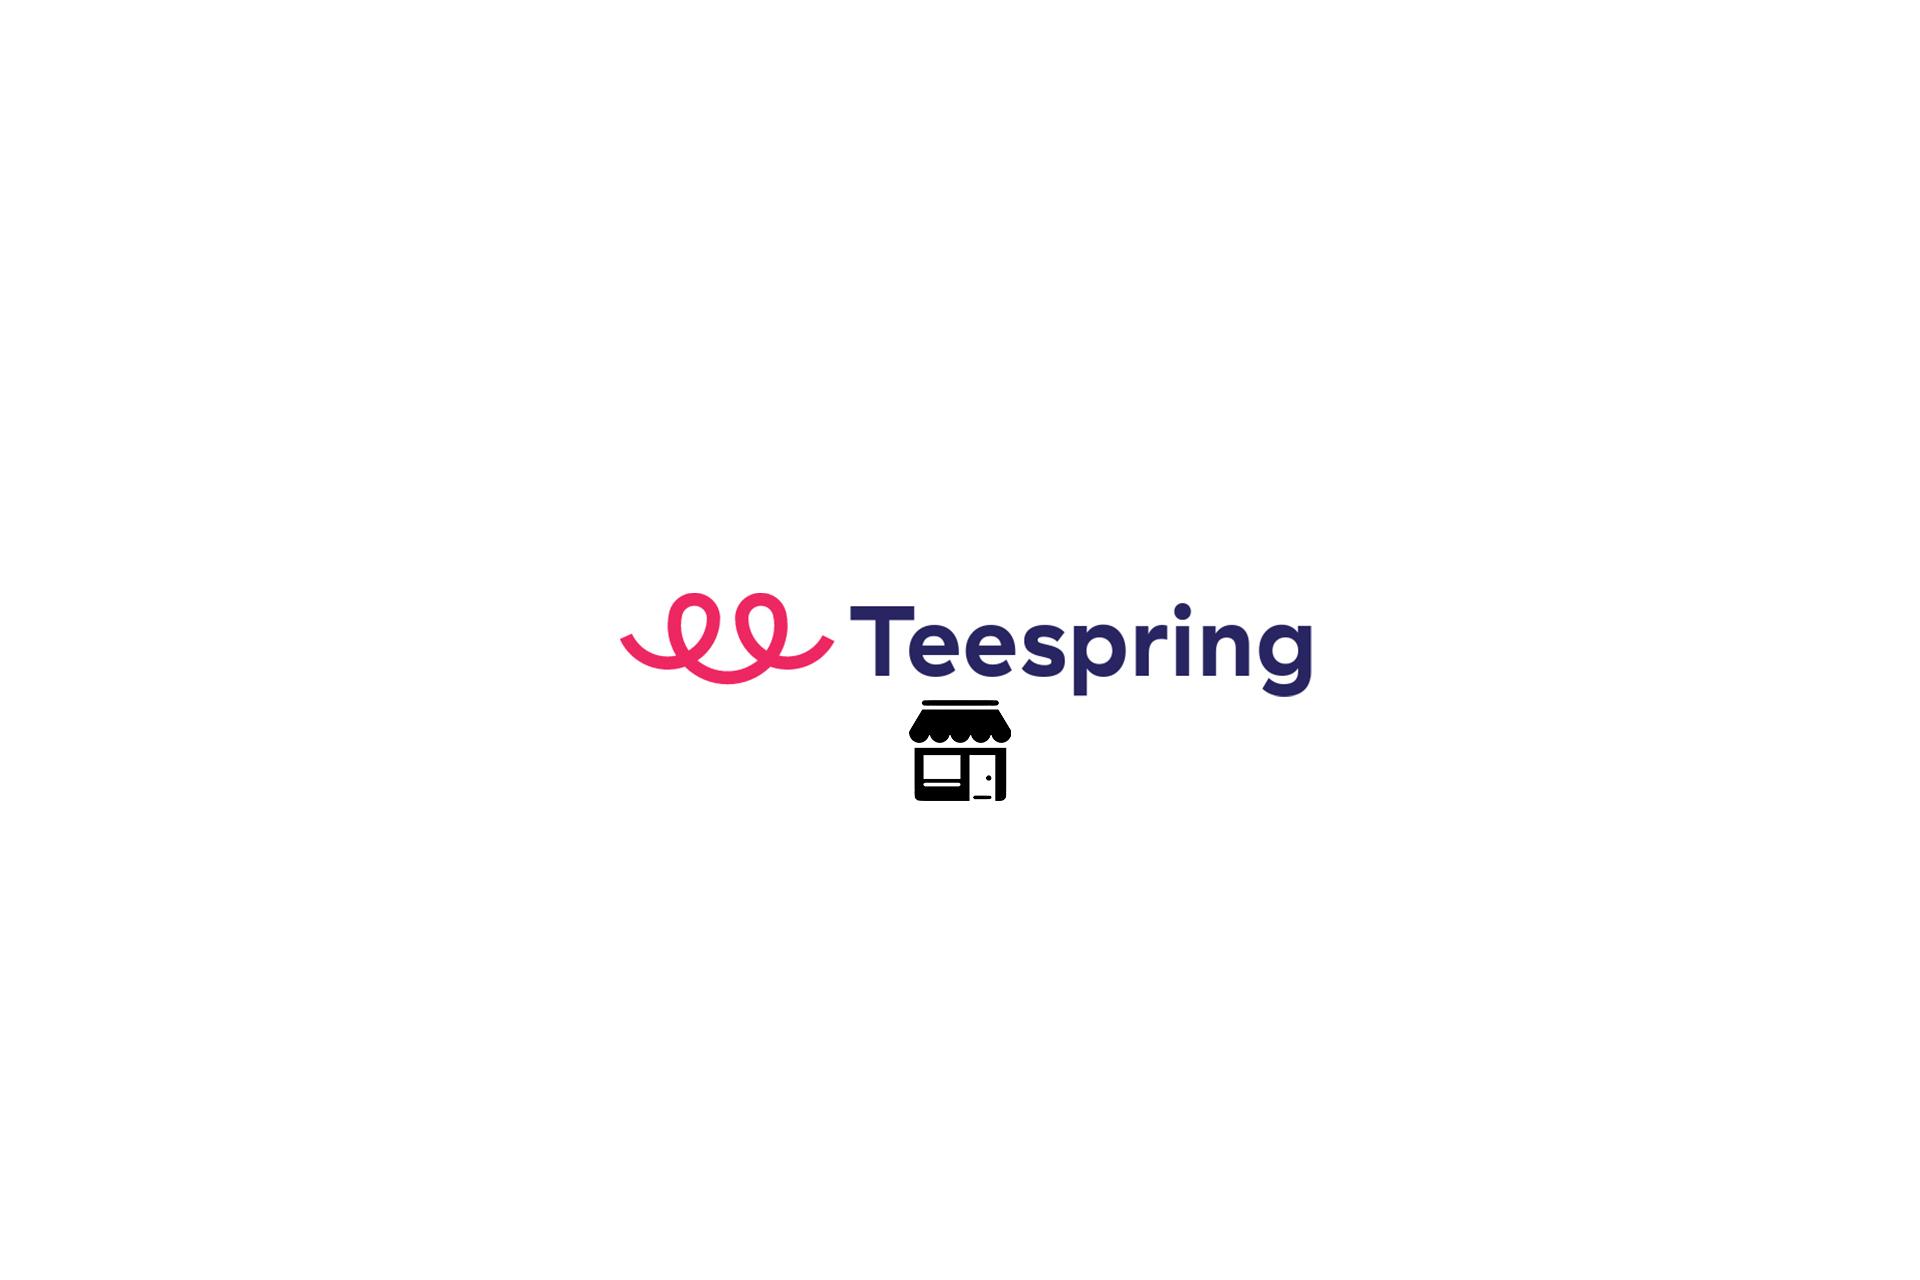 ویترین فروشگاه در Teespring – آموزش قدم به قدم کسب درآمد دلاری از Teespring